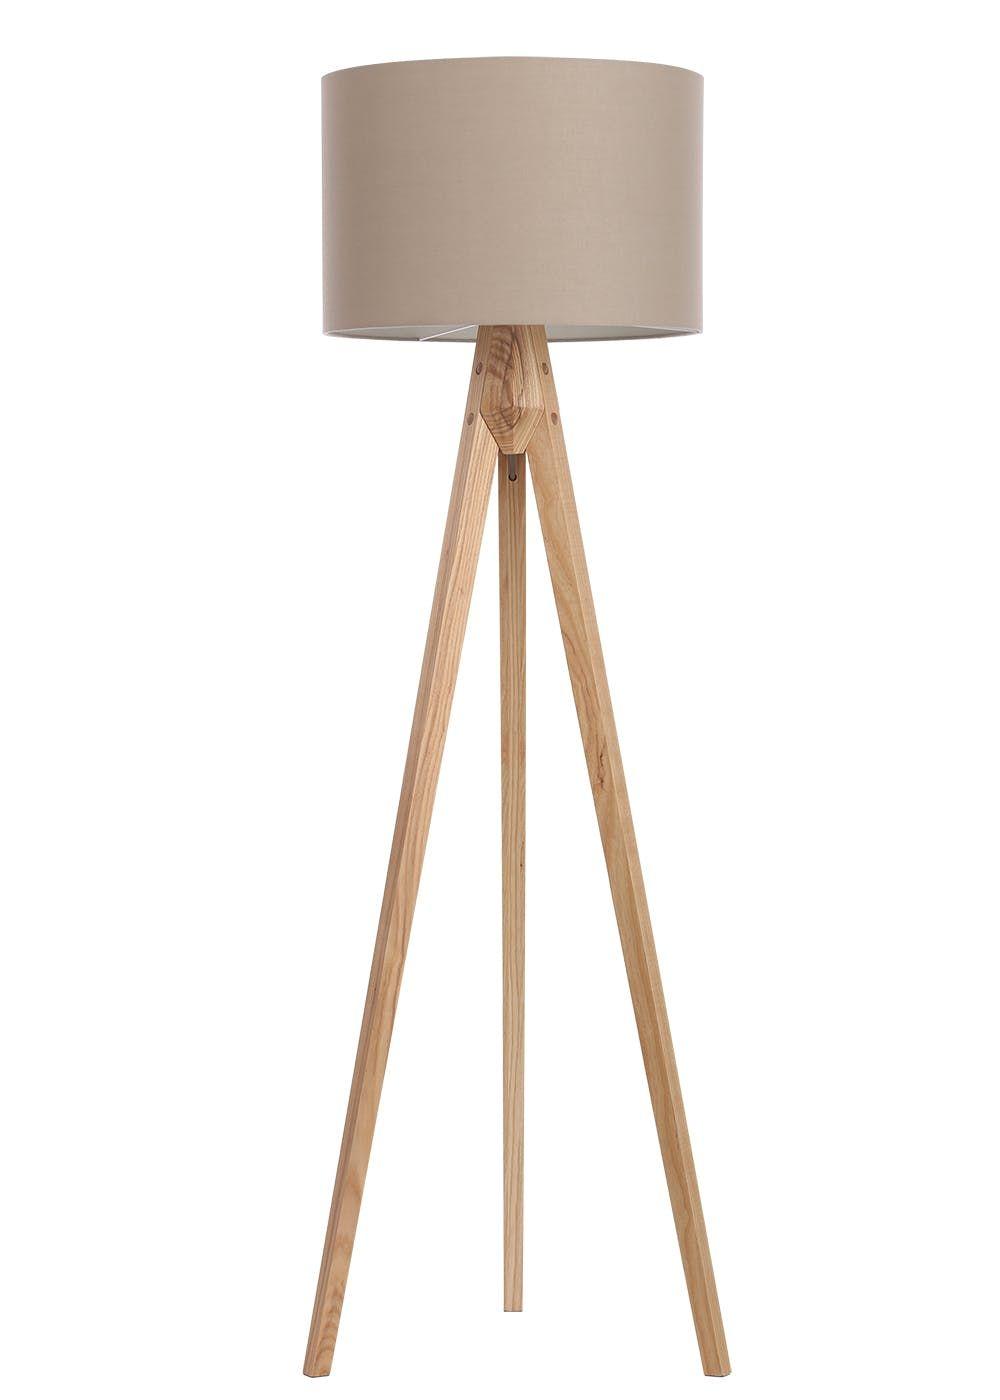 Travis Tripod Floor Lamp H152cm X W45cm Cream Floor